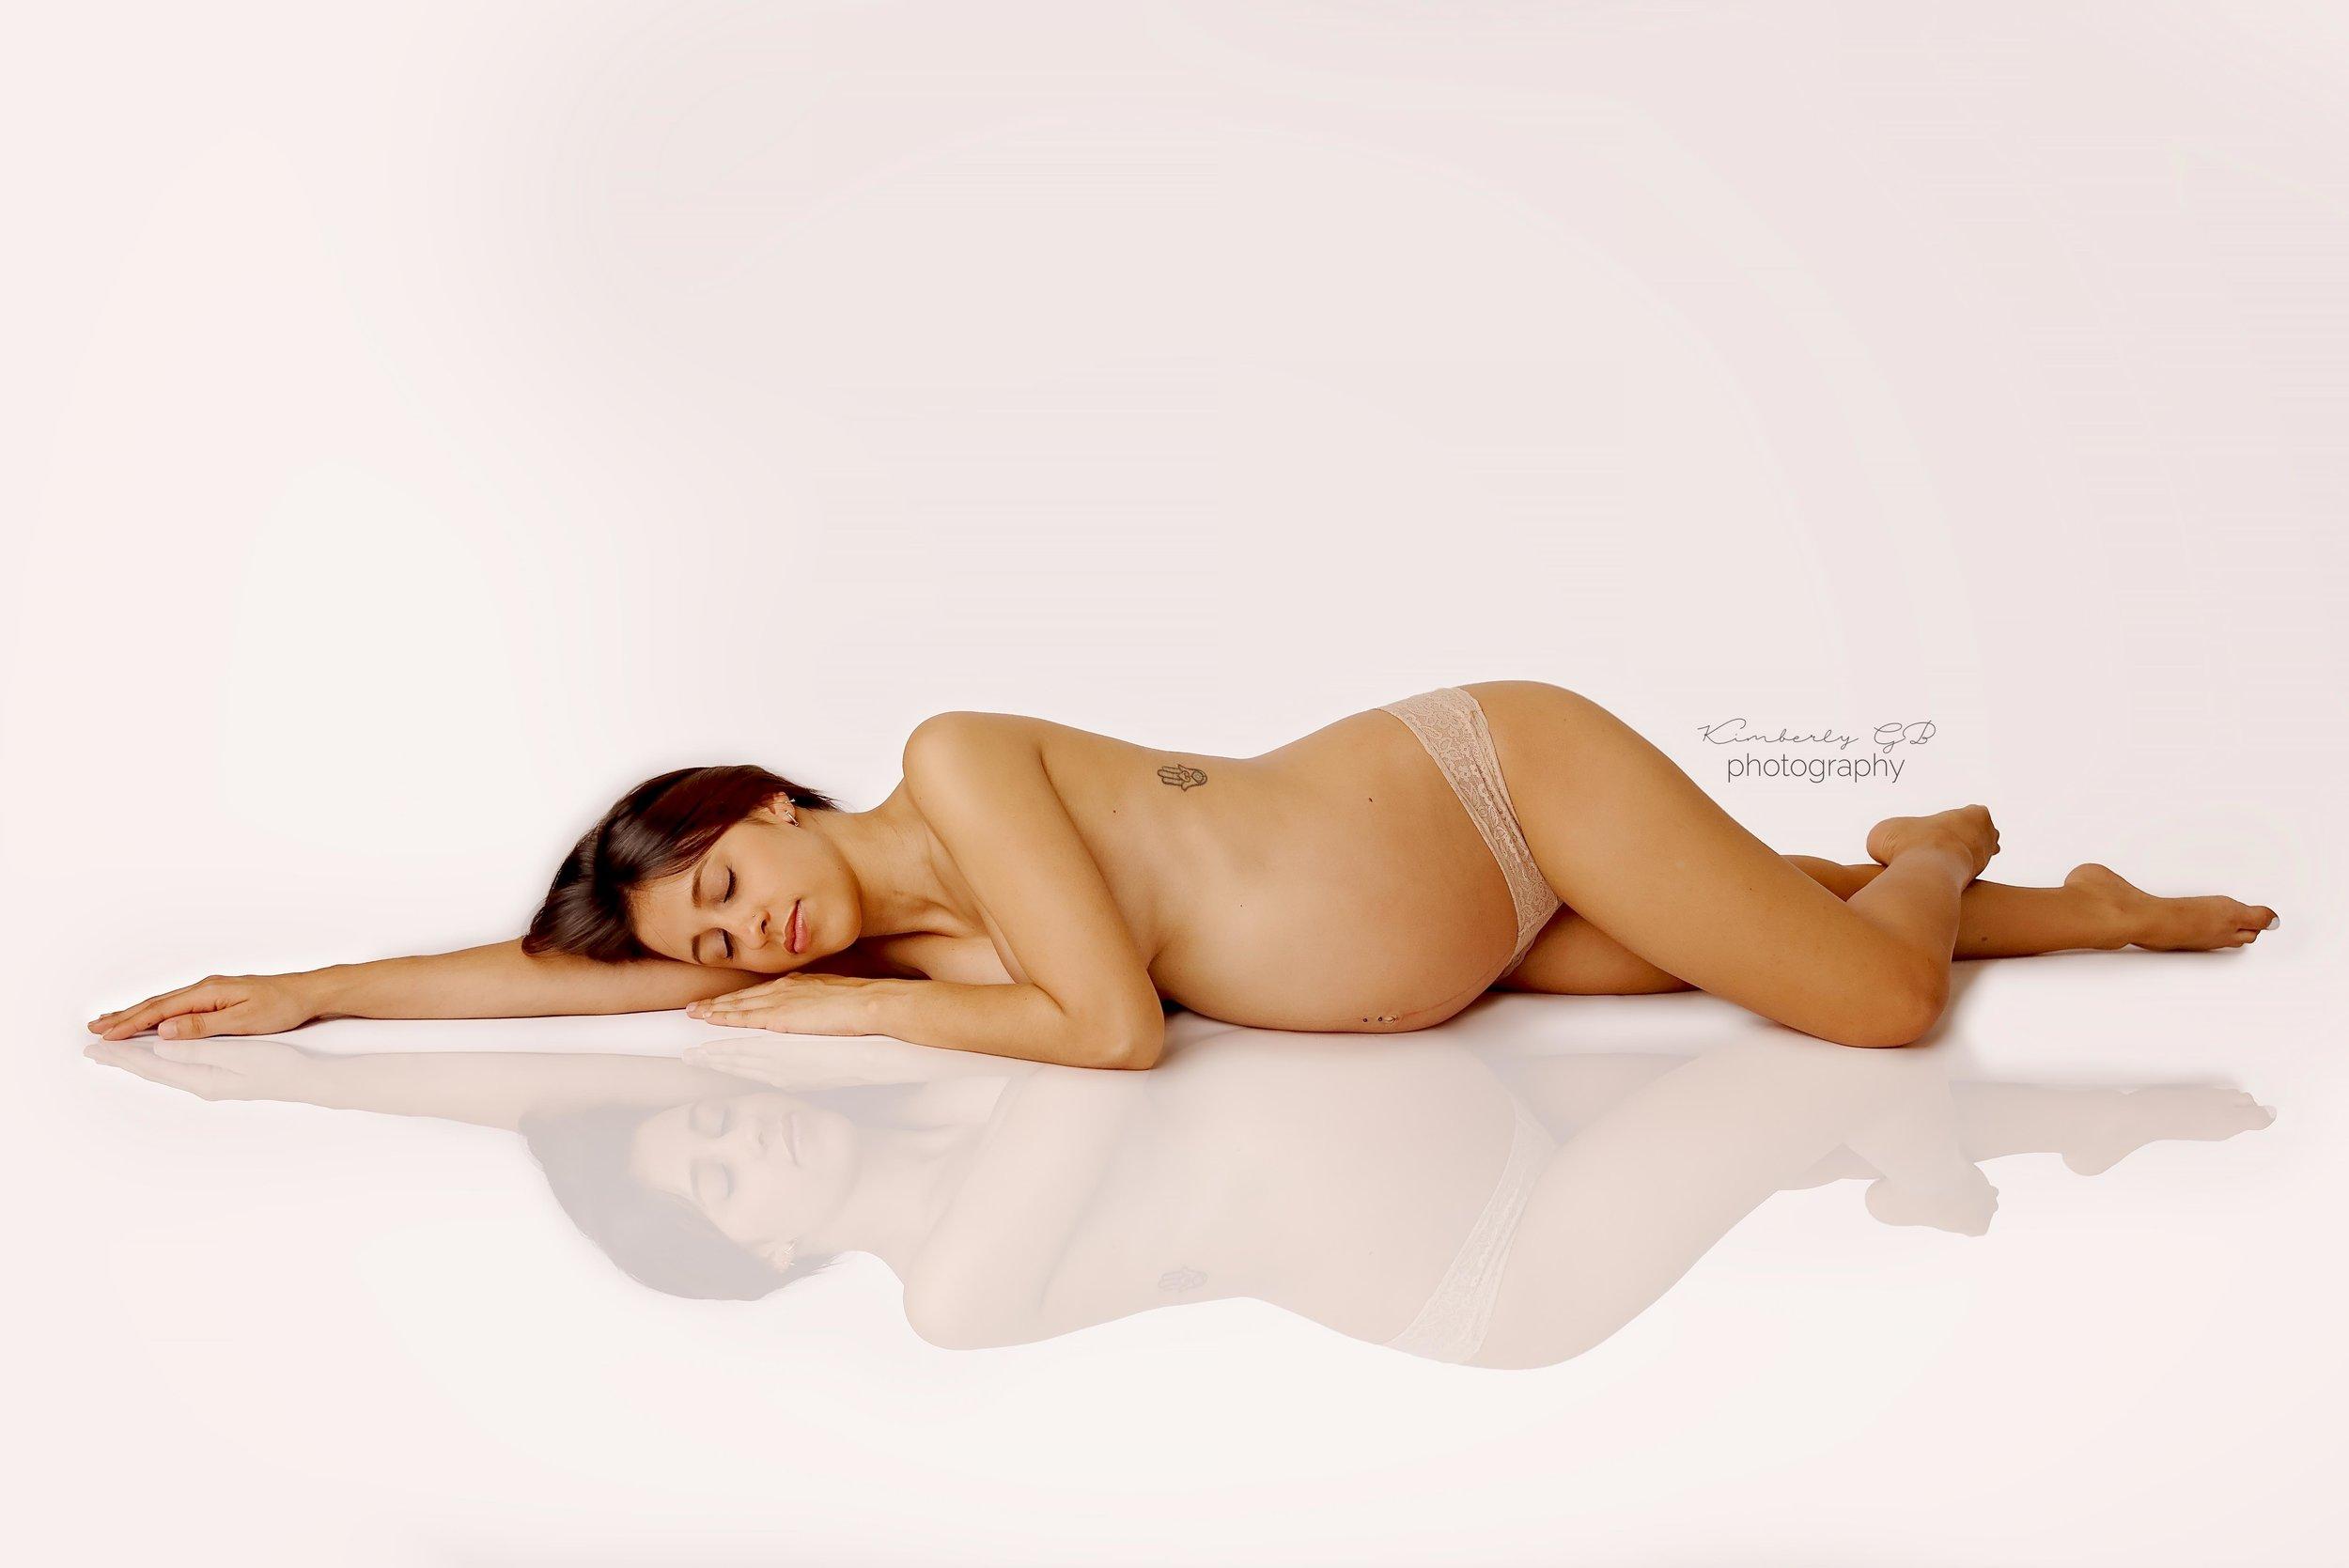 fotografia-fotografa-de-maternidad-embarazo-embarazada-en-puerto-rico-fotografia-147.jpg